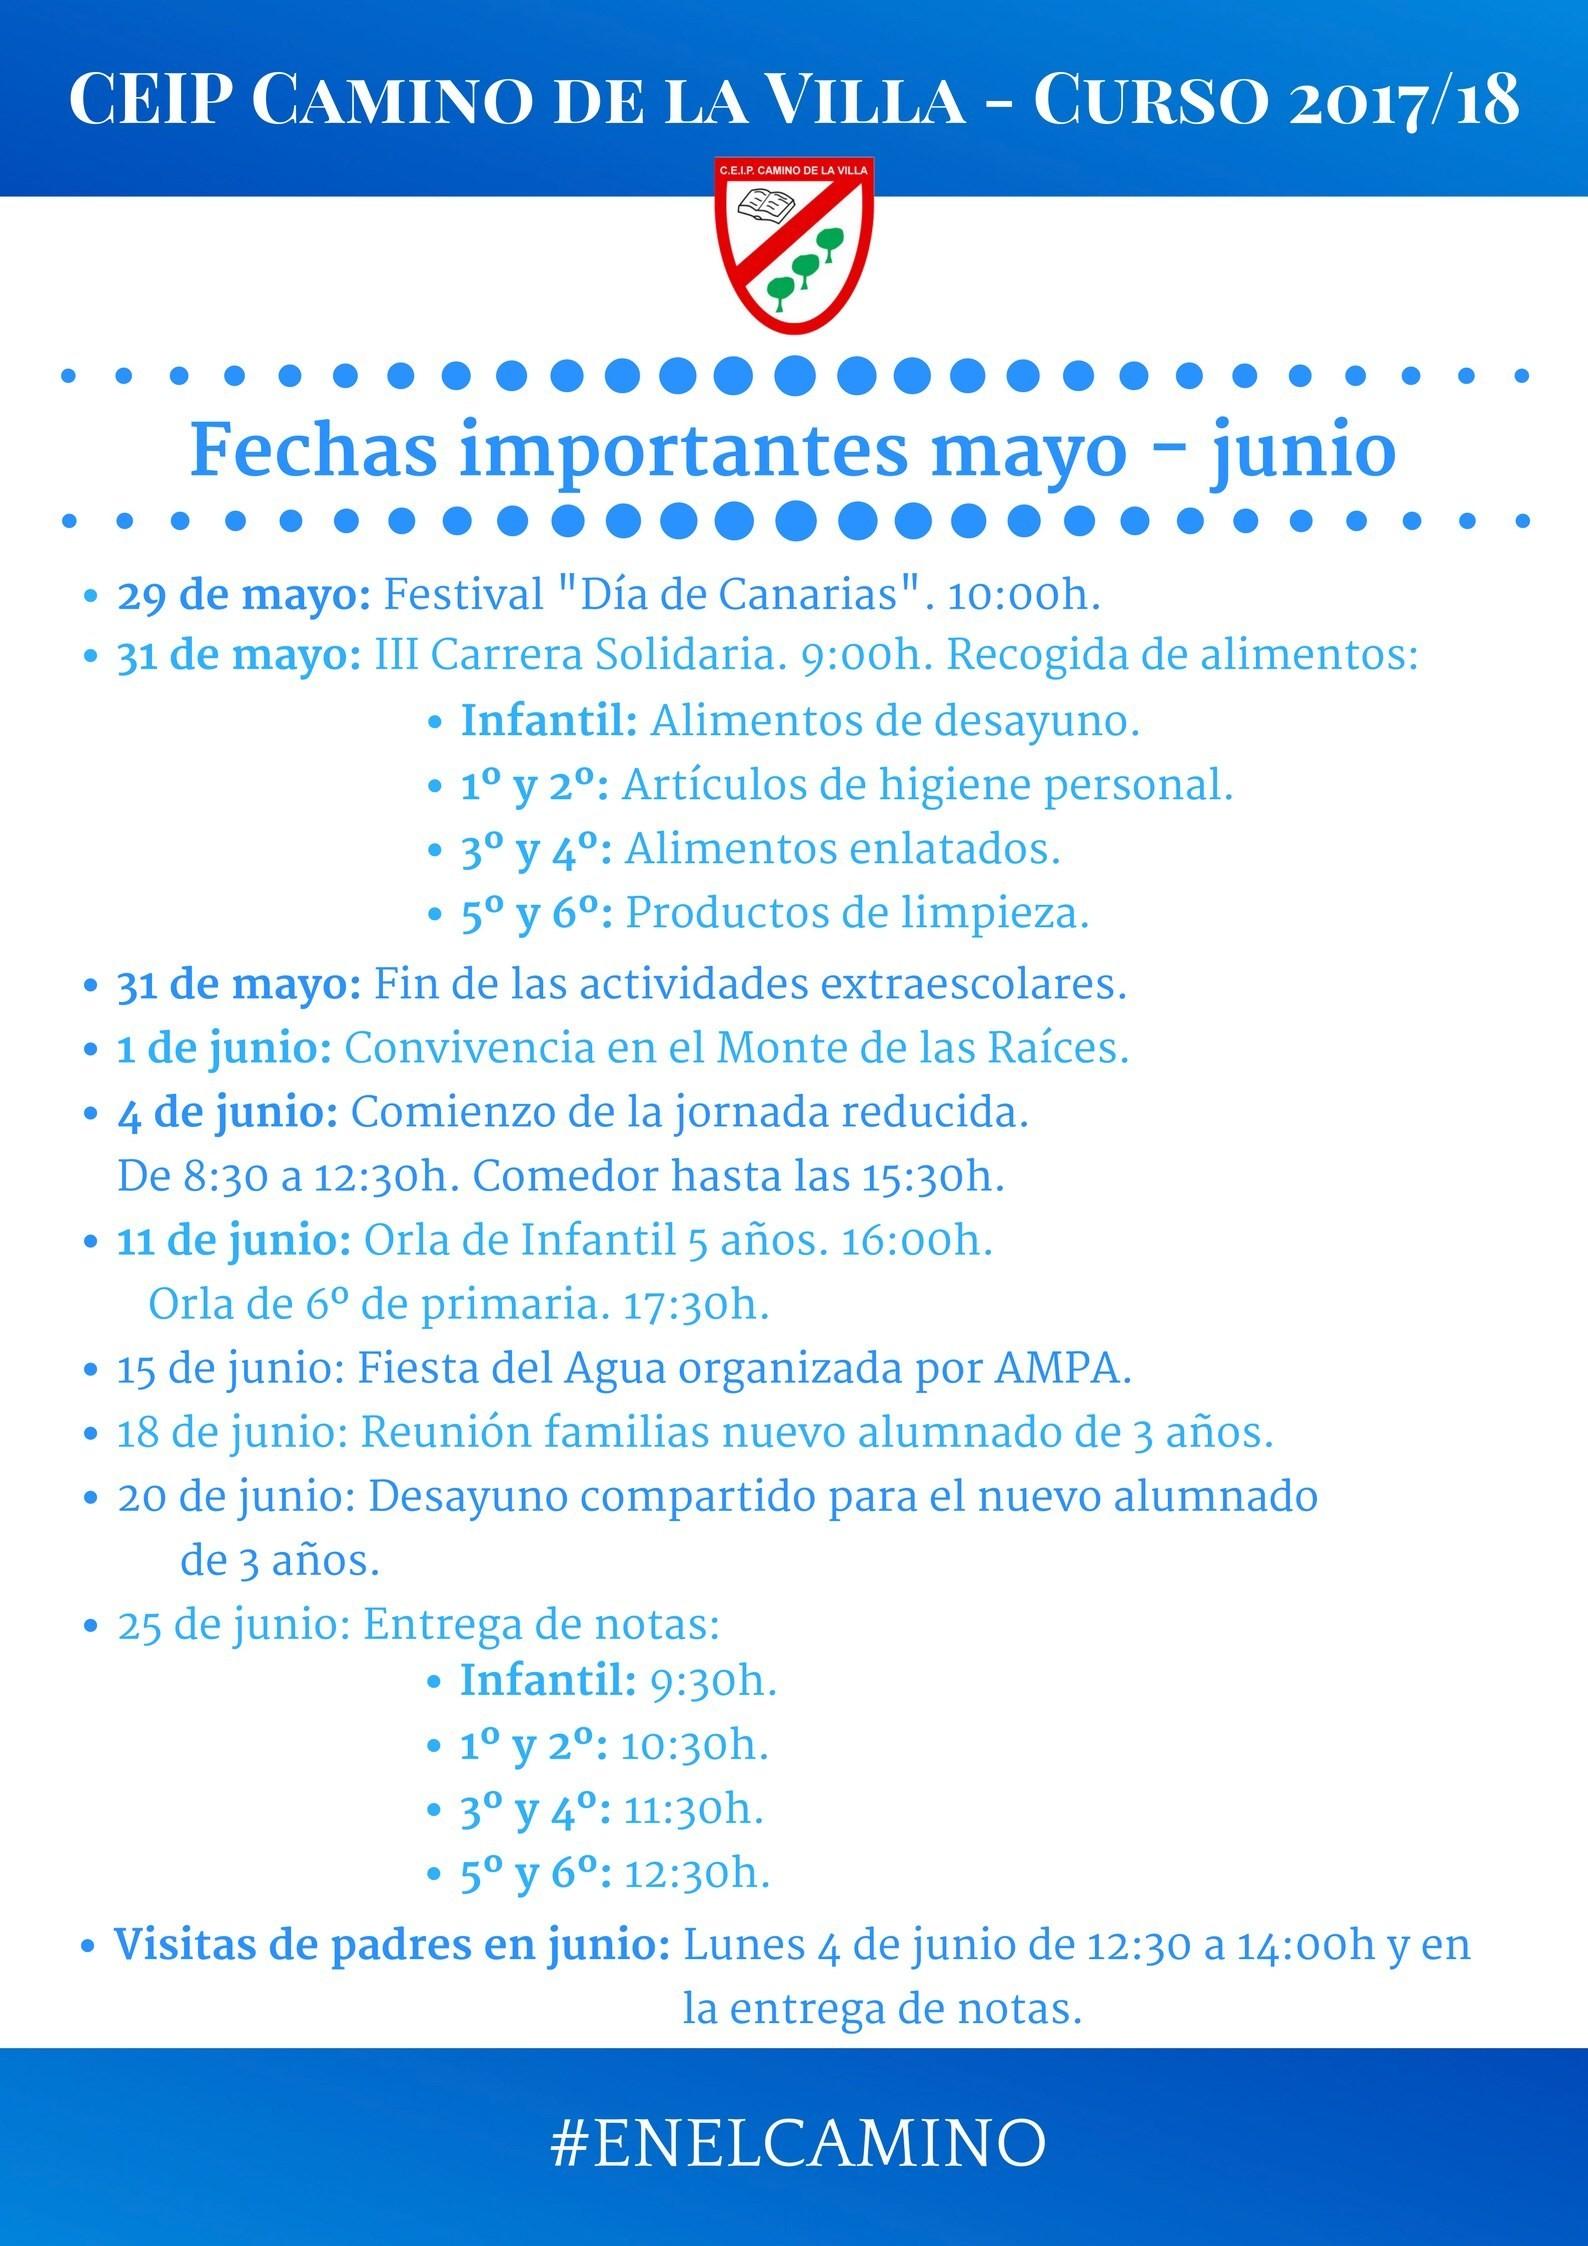 Fechas Importantes De Mayo Y Junio Colegio Camino De La Villa